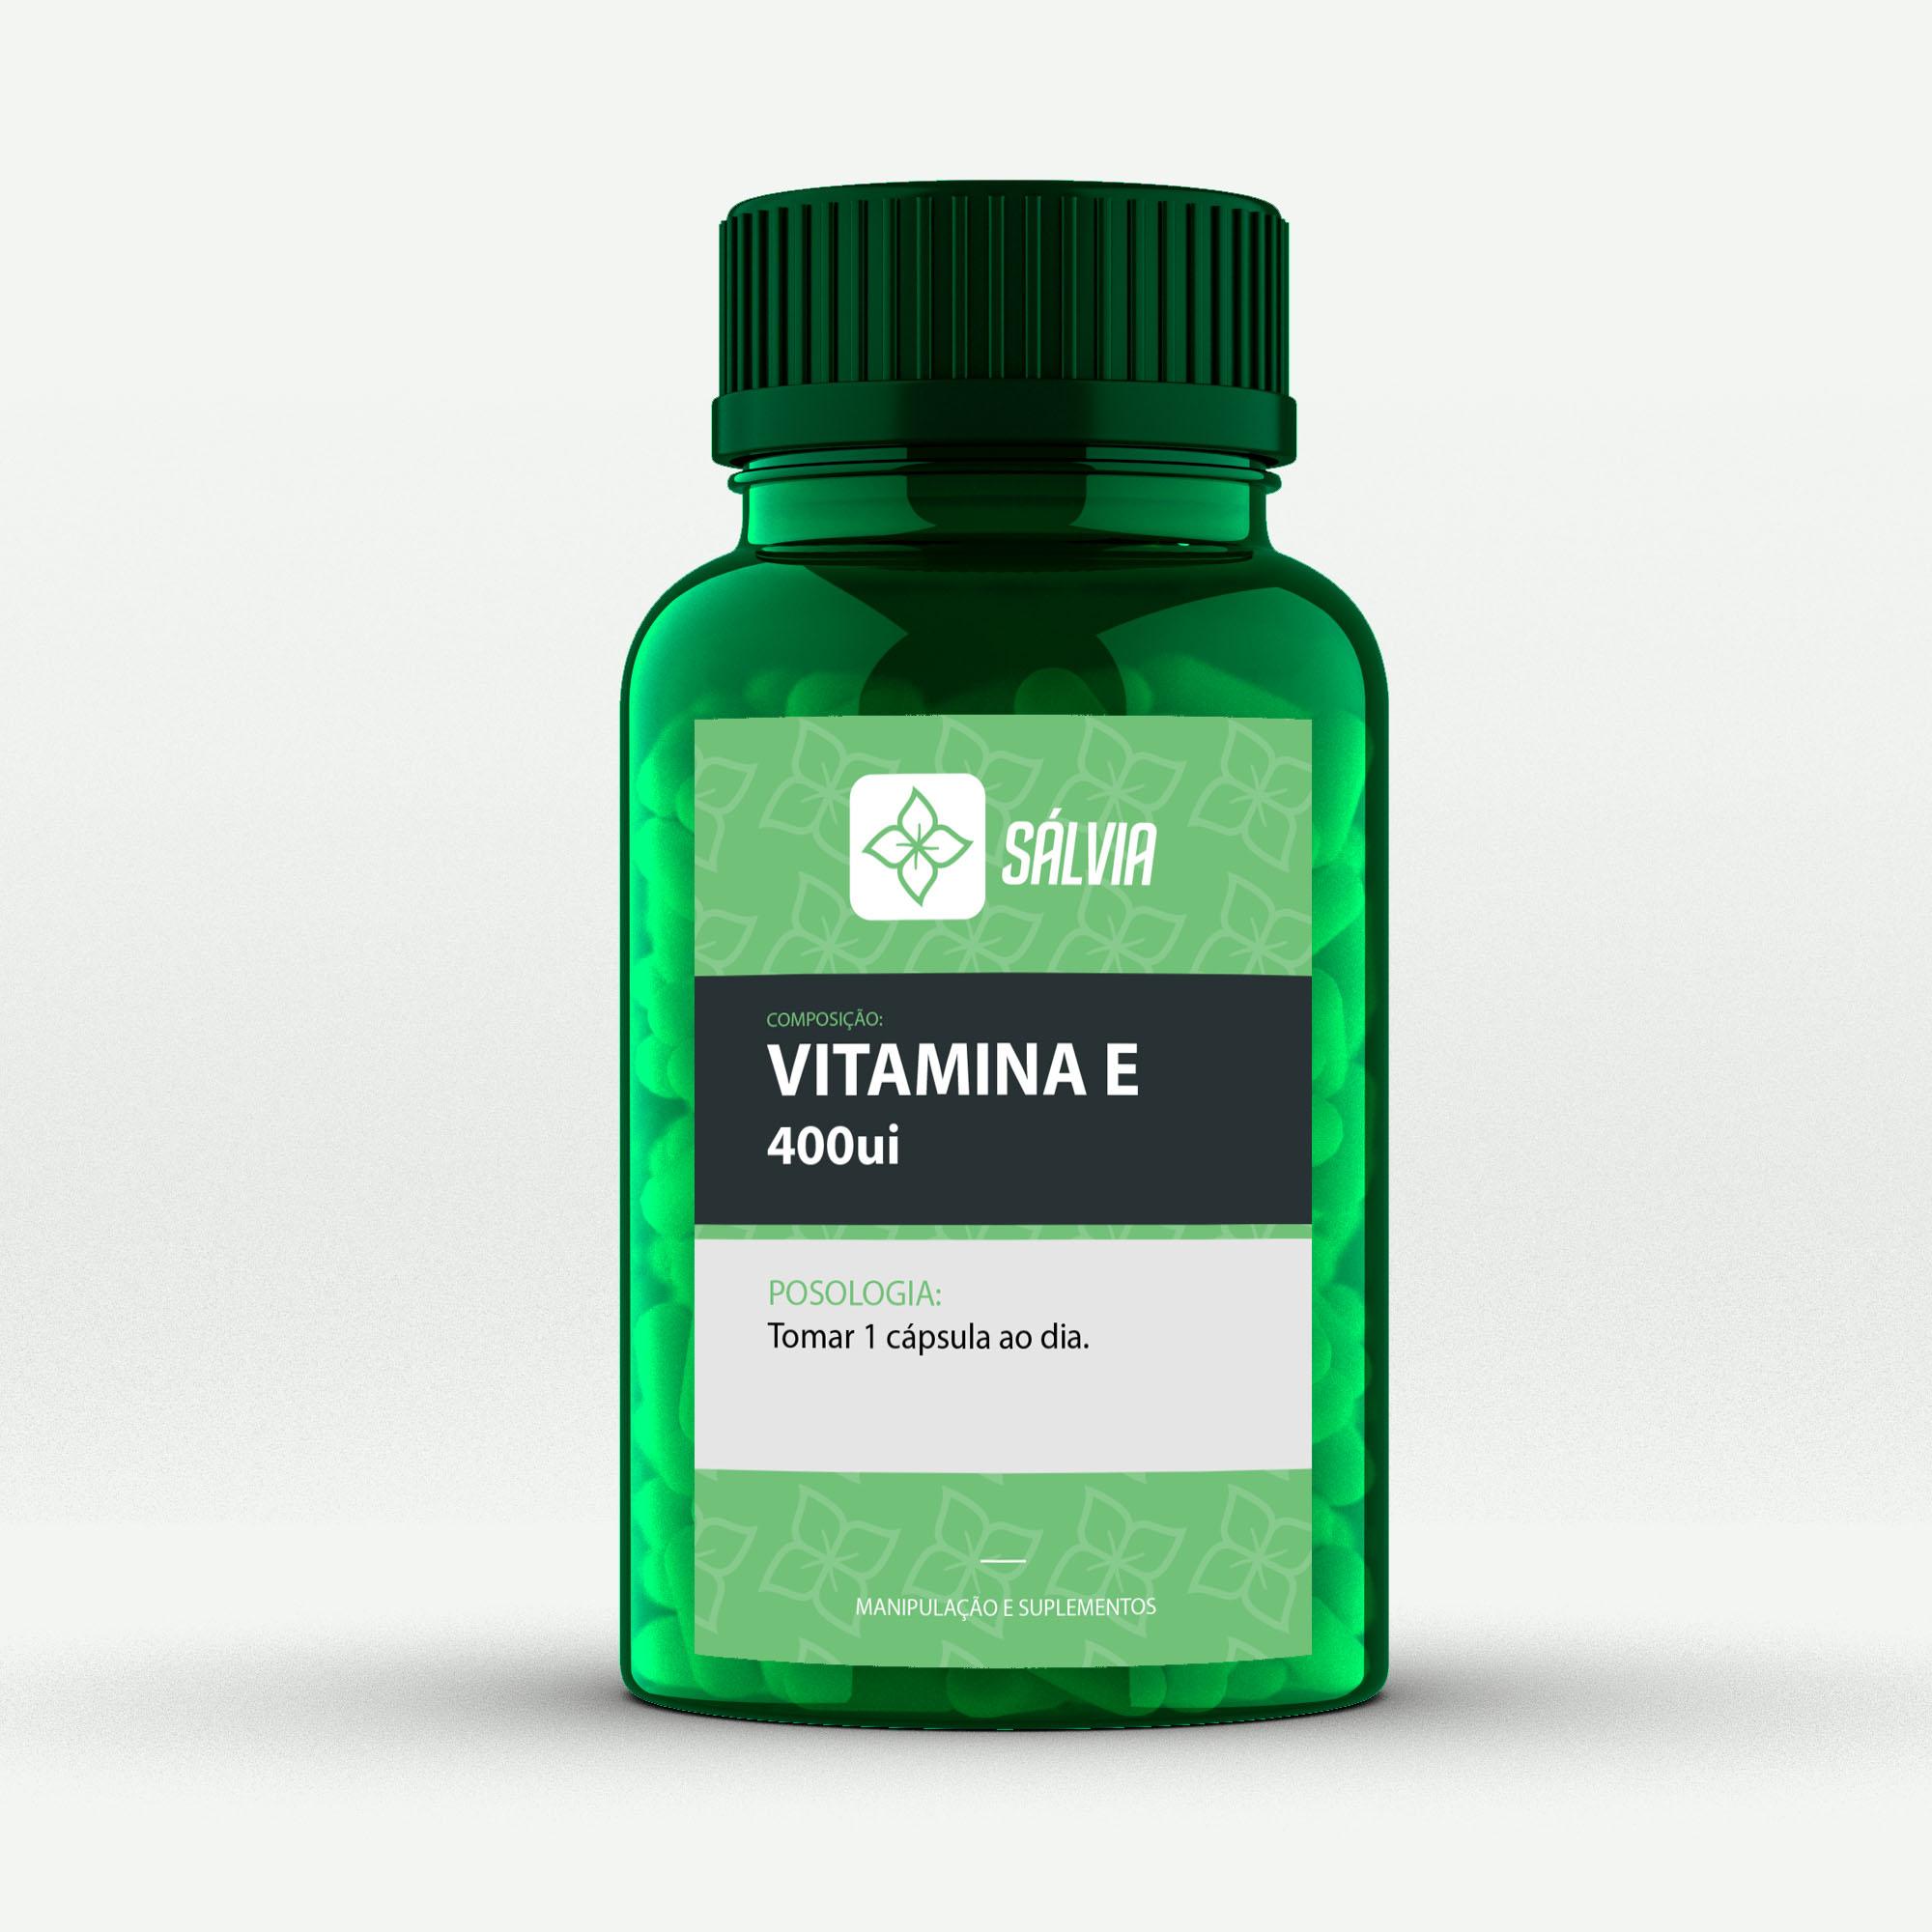 VITAMINA E 400ui – Cápsulas